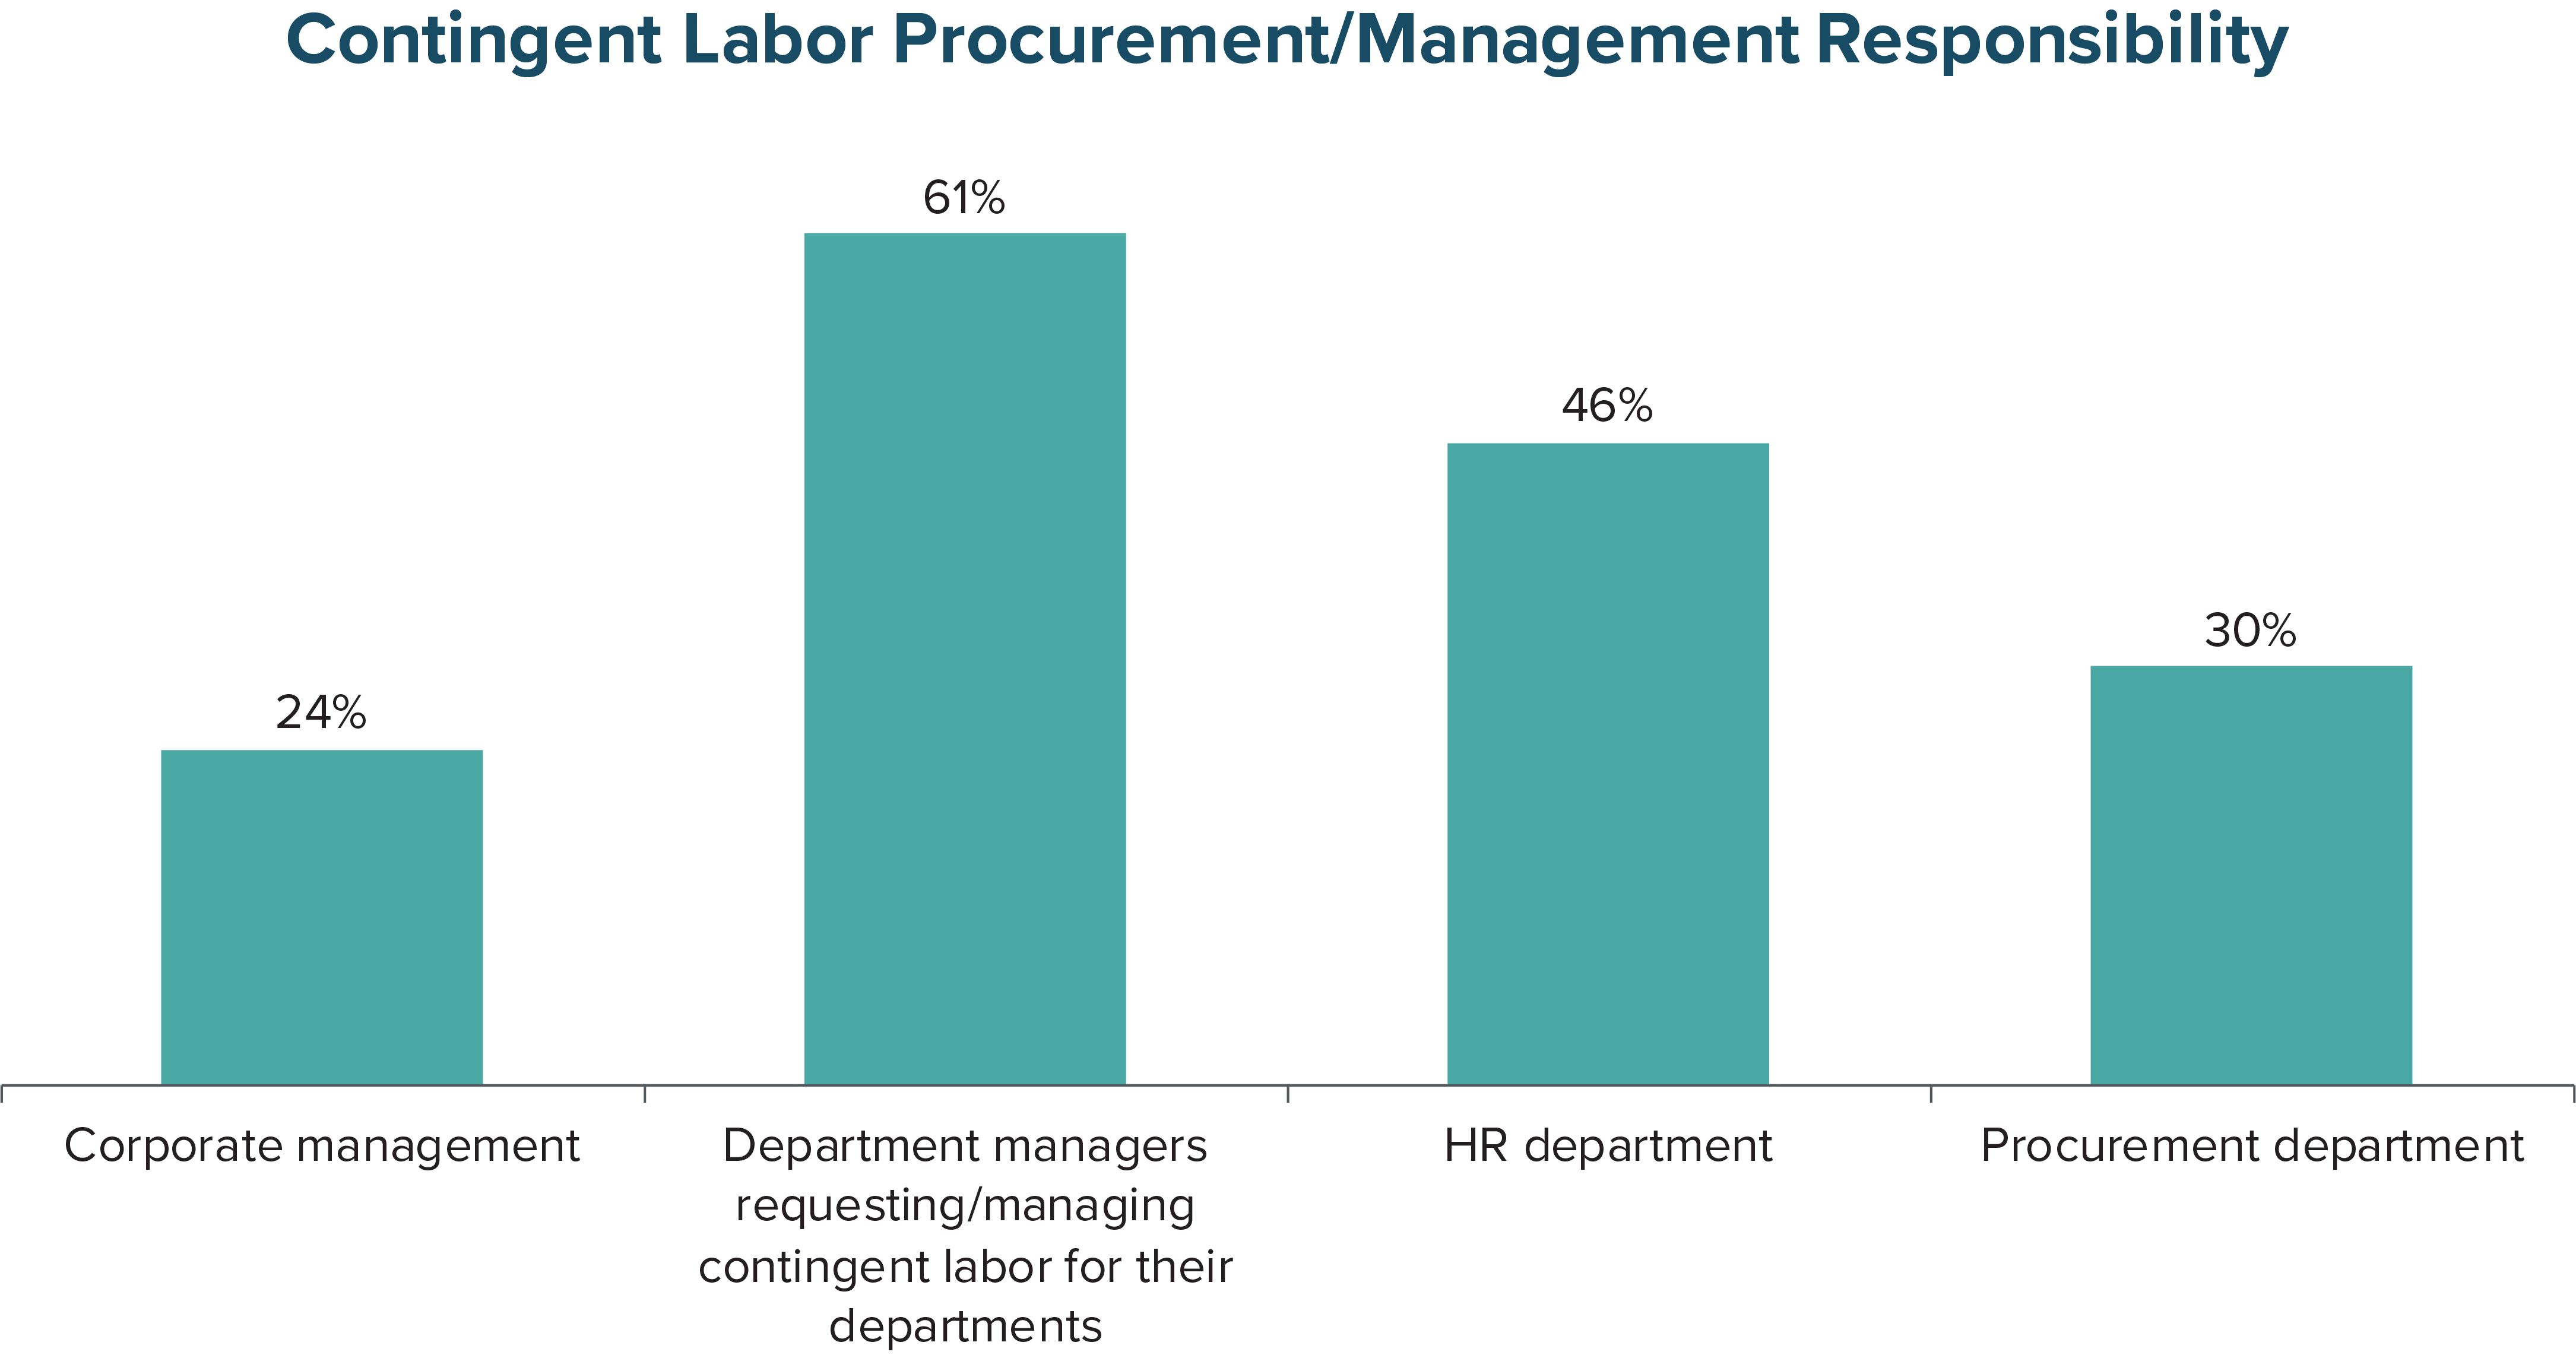 Contingent Labor Procurement/Management Responsibility